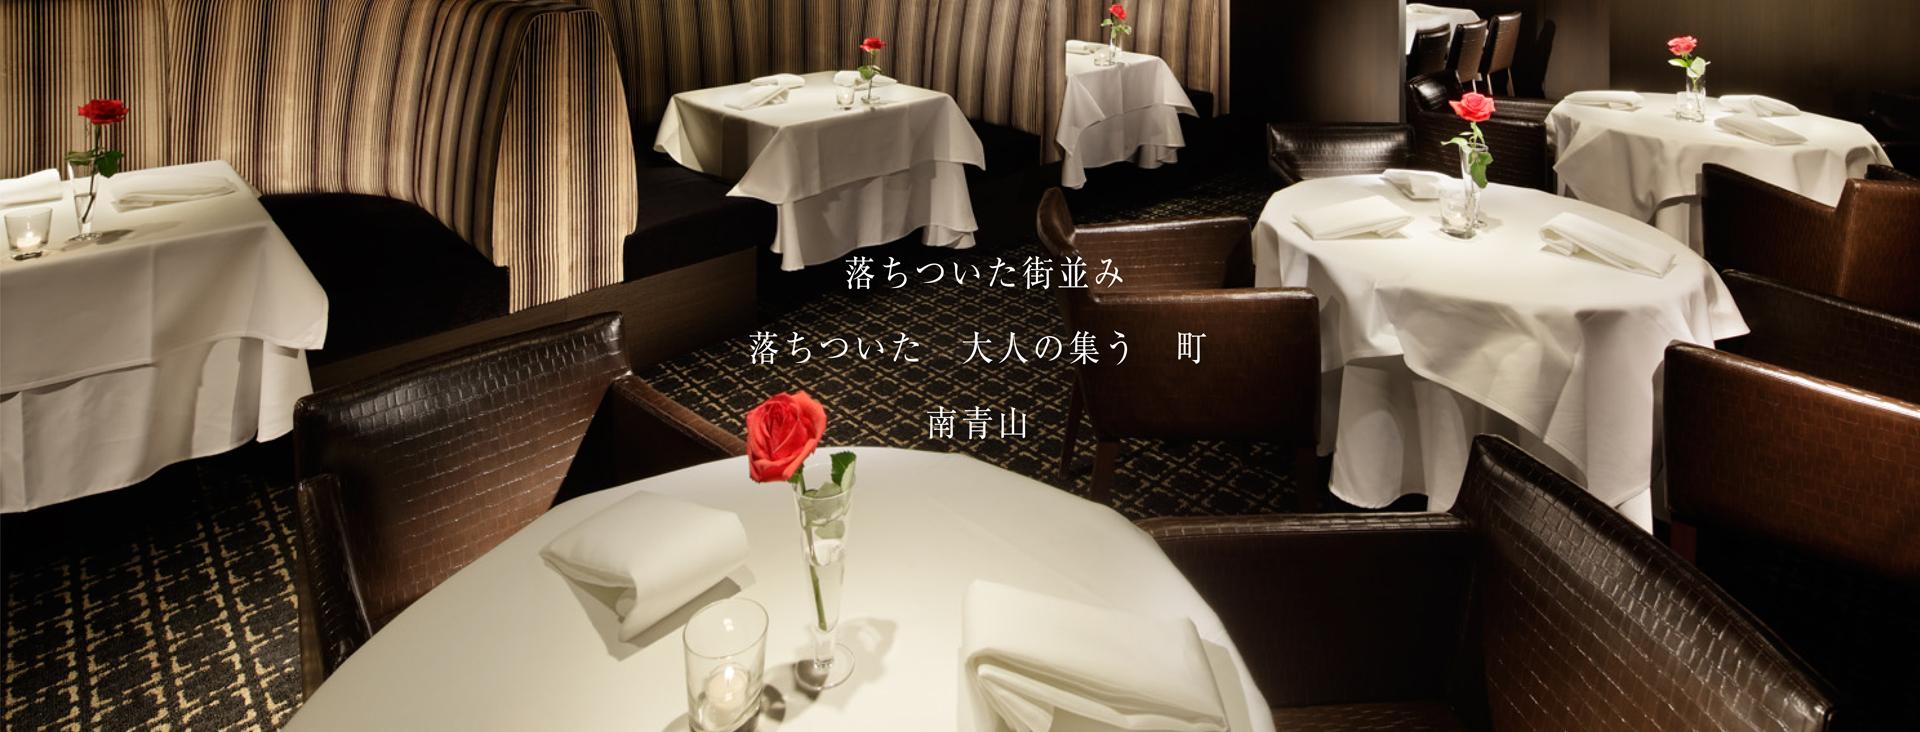 Slide image 2-lg.jpg